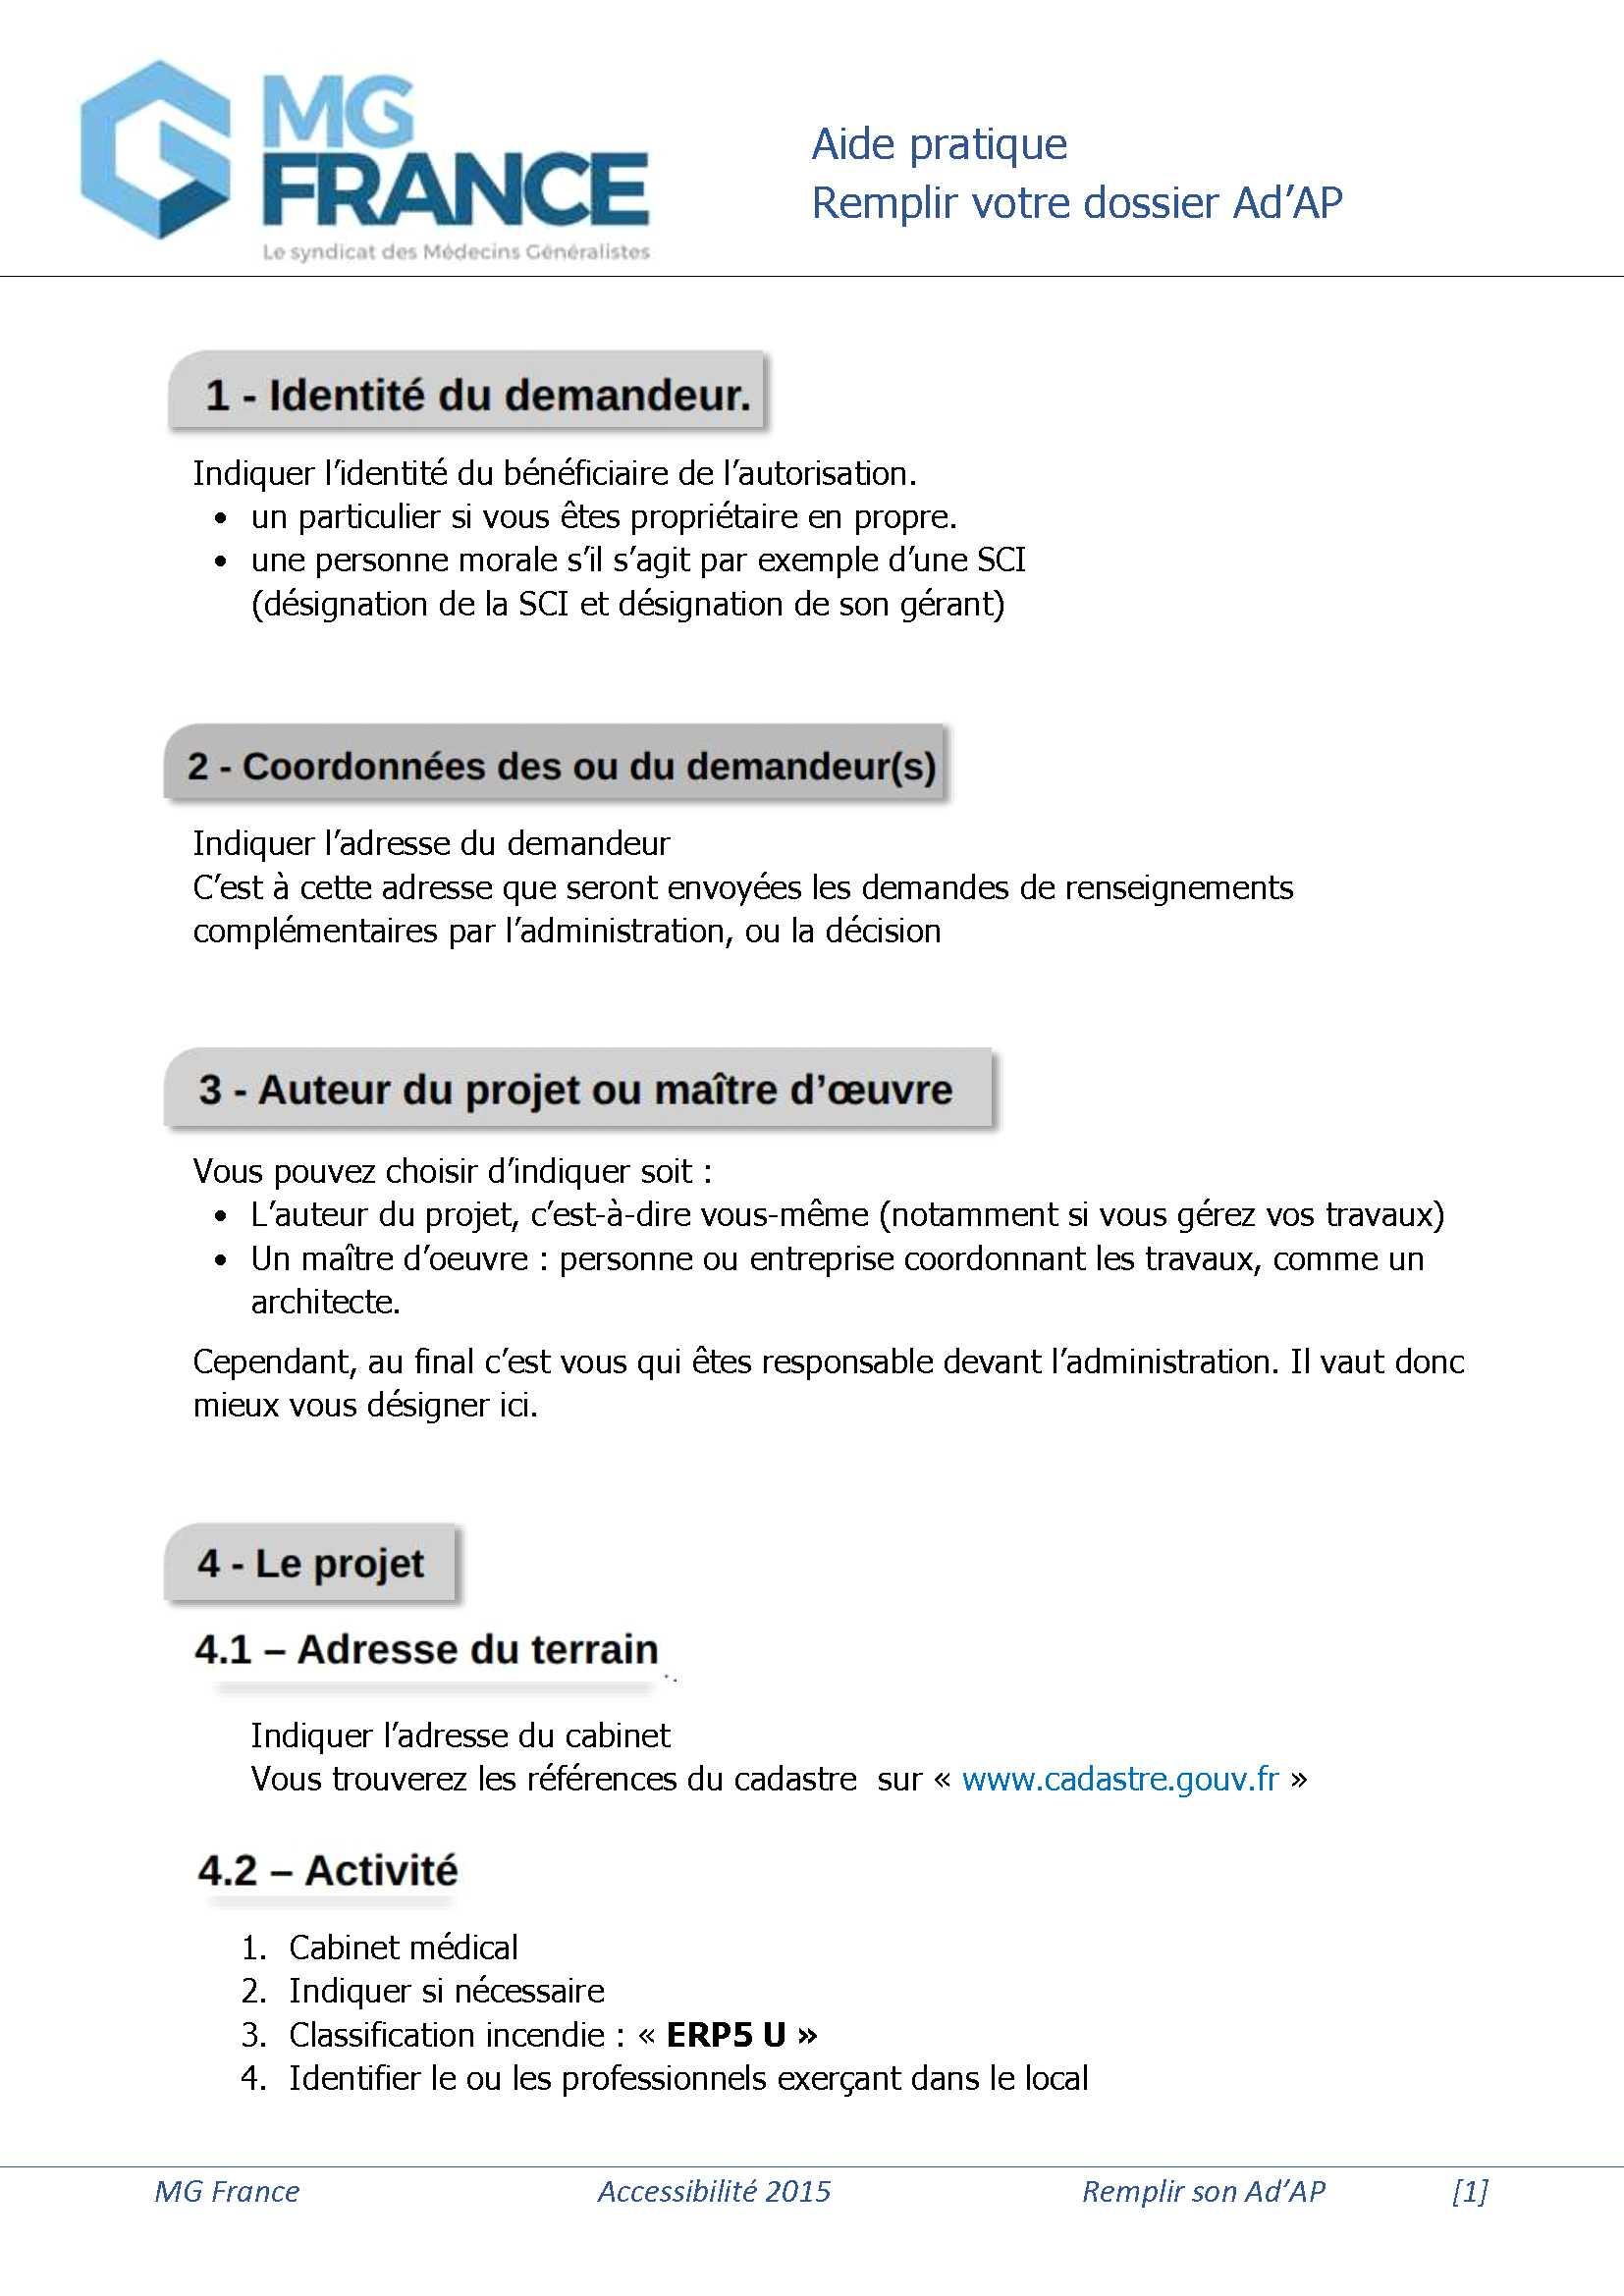 dossier d'AdAP